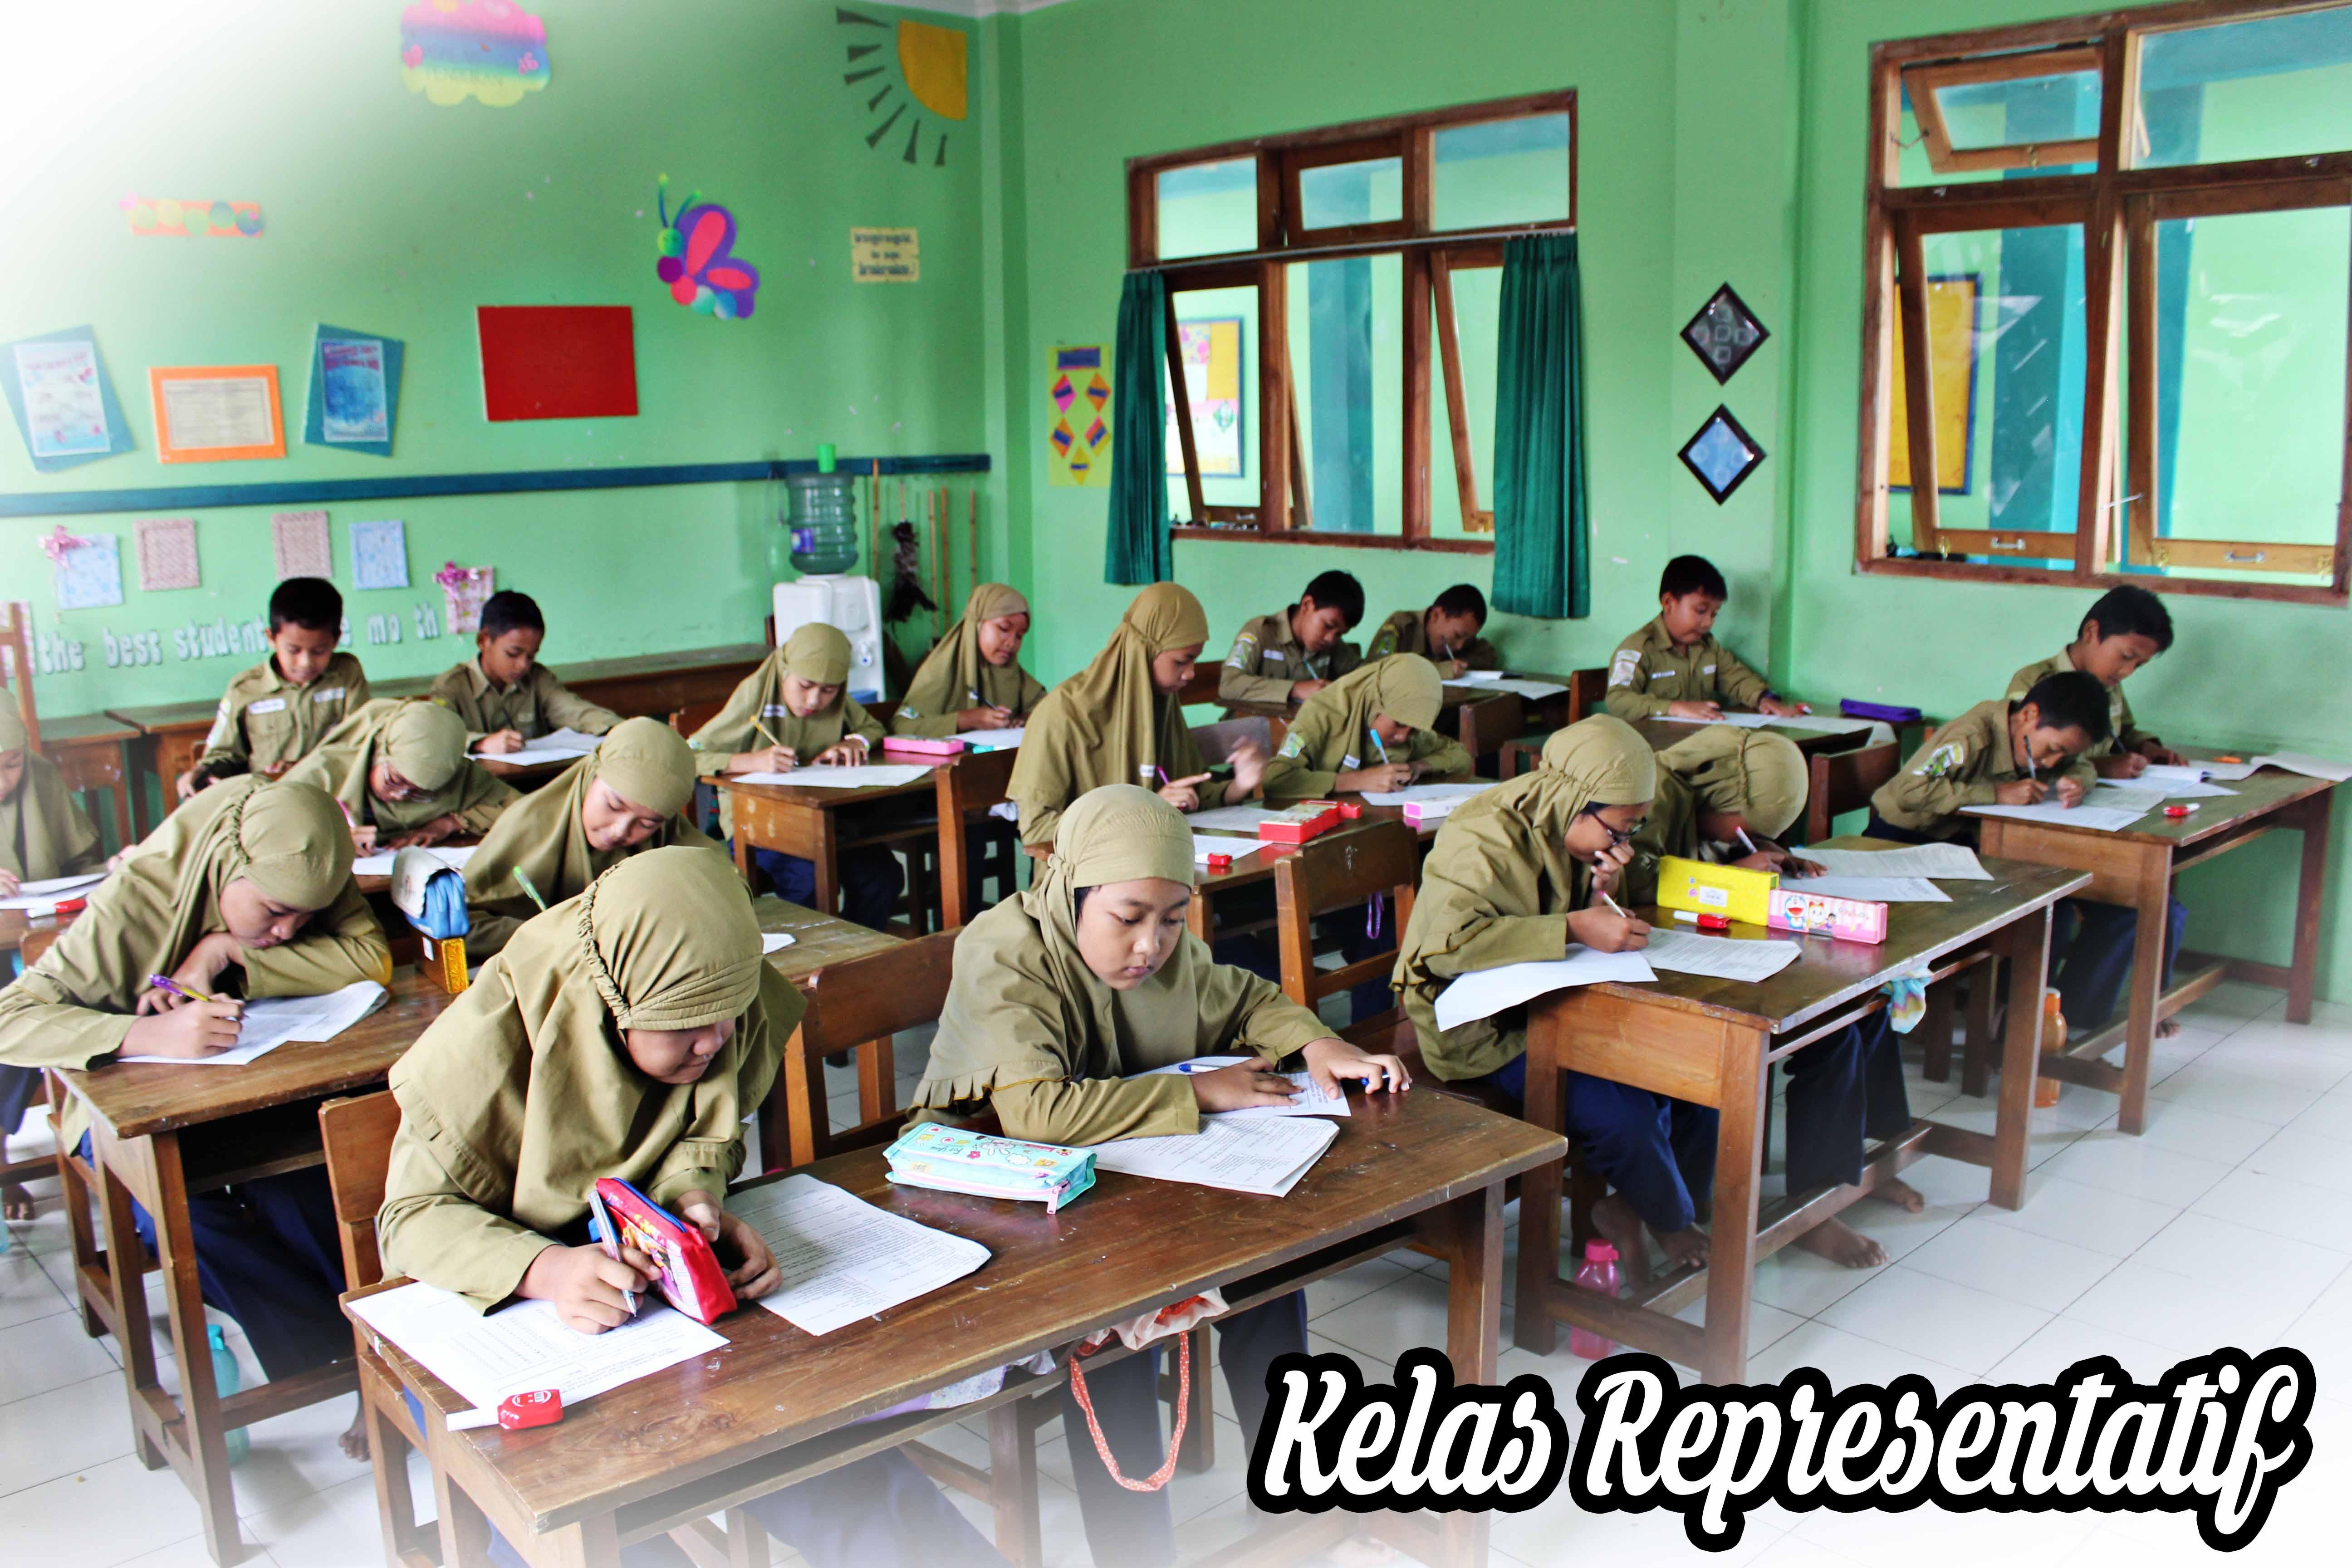 Ruang Kelas Yang Representatif Sdit Muhammadiyah Sinar Fajar Penataan ruang kelas yang baik